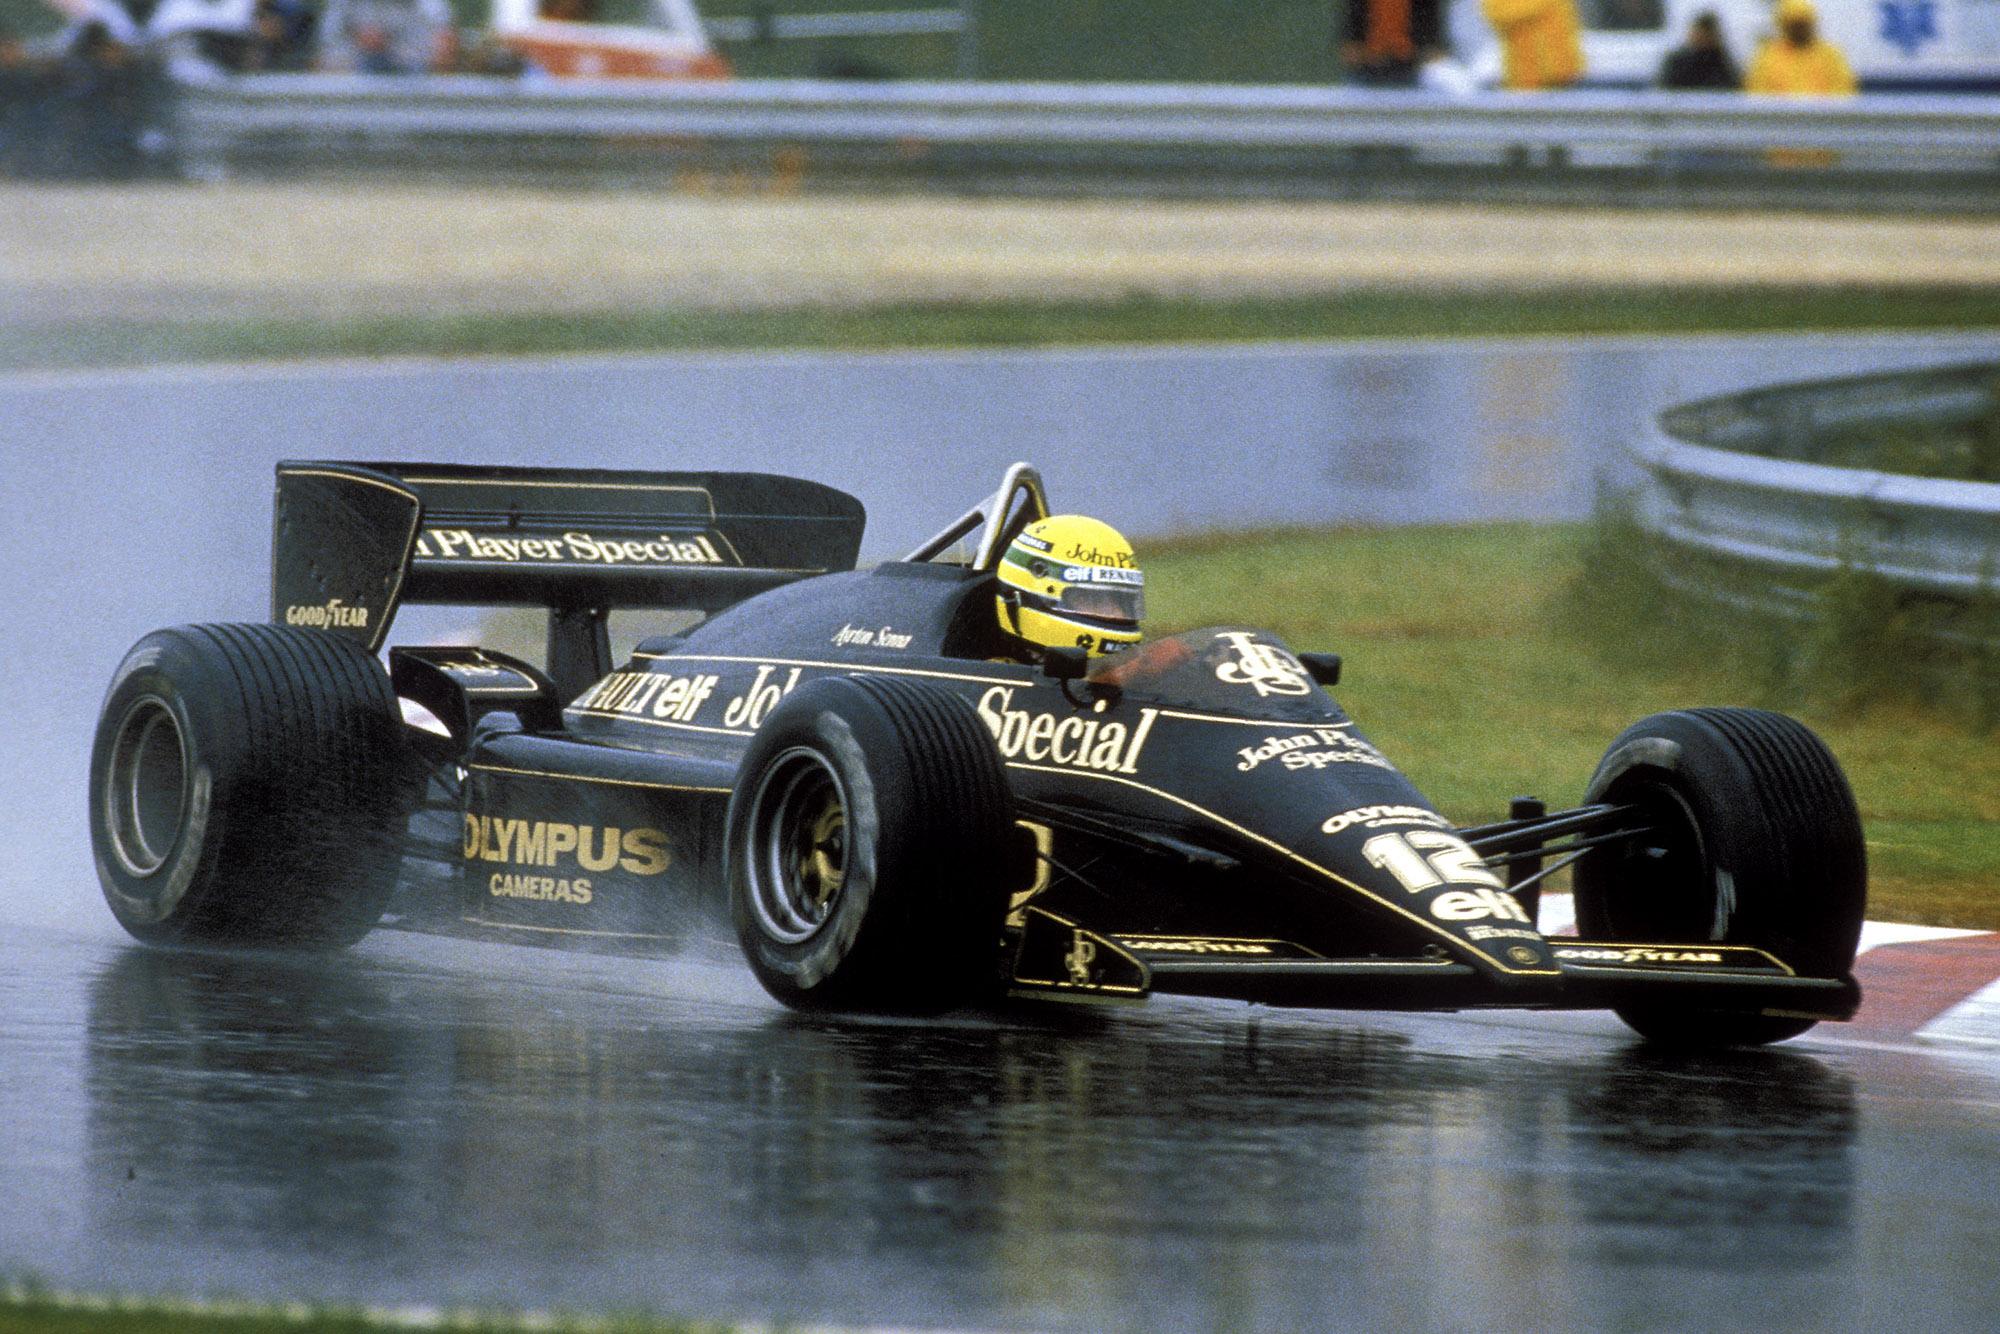 Ayrton Senna in the rain at the 1985 Portuguese Grand Prix